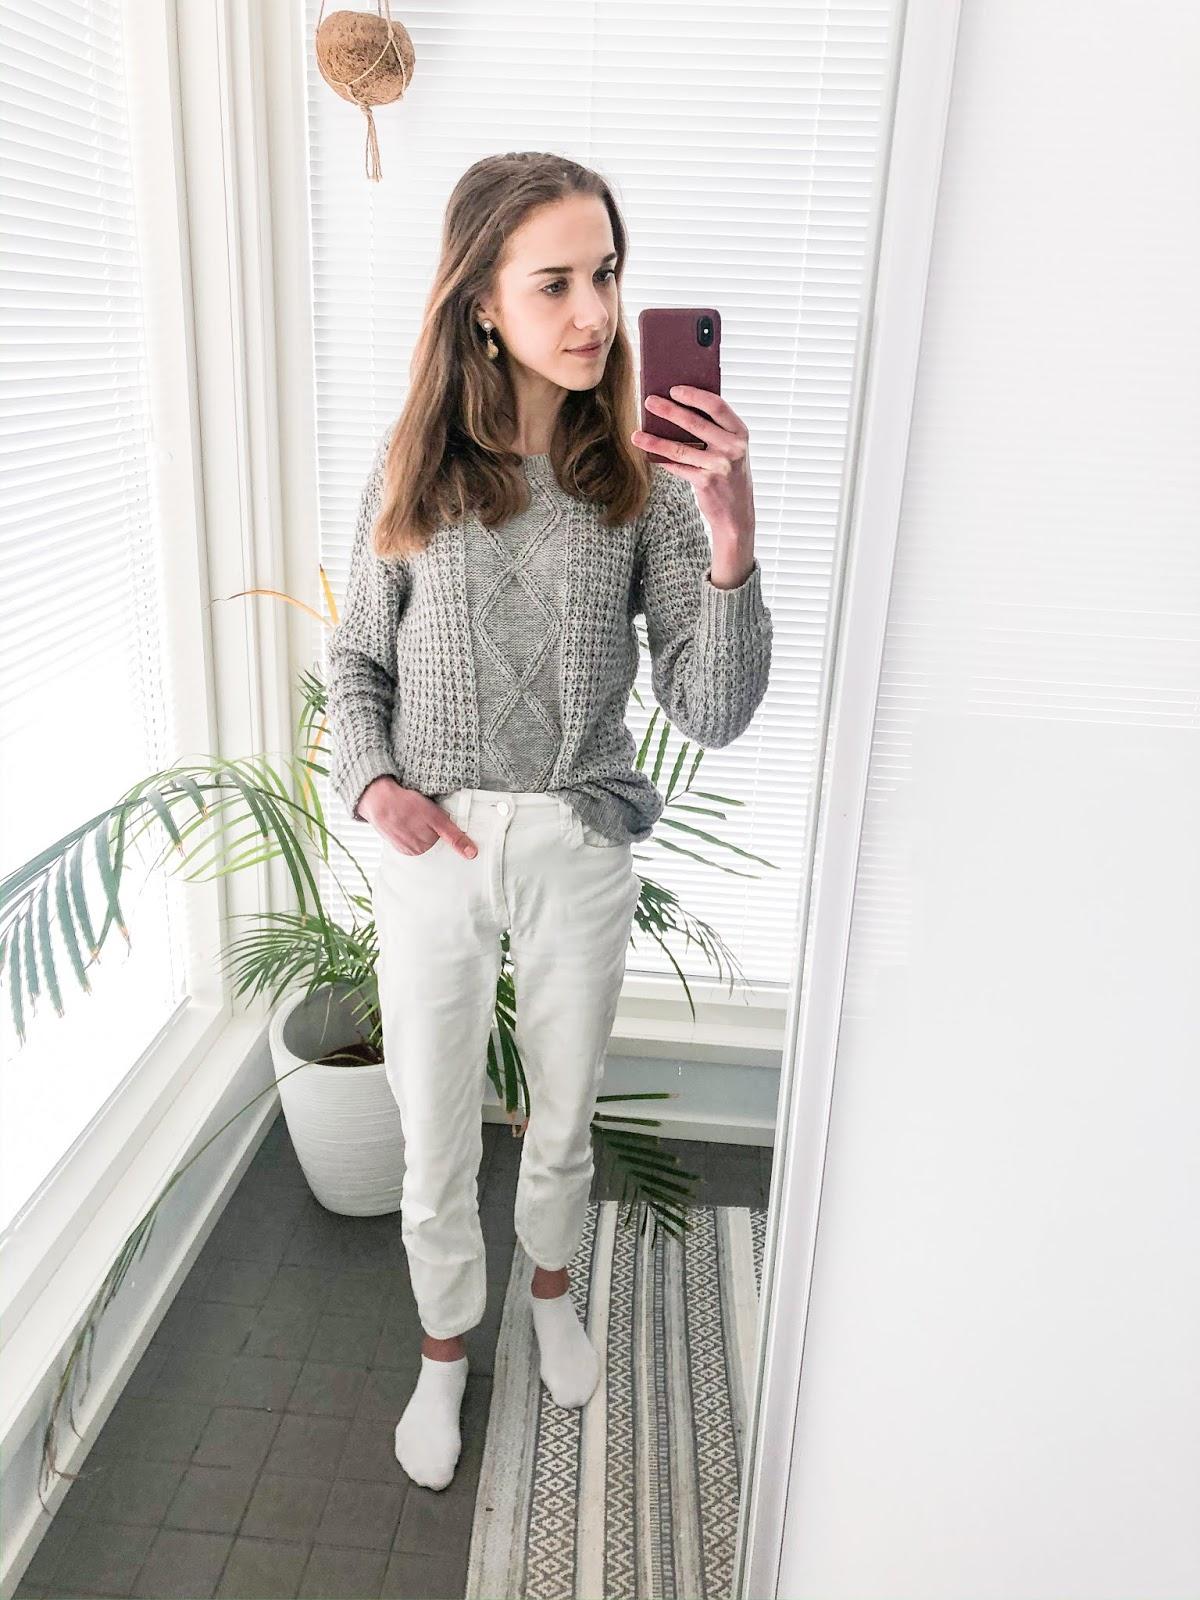 White jeans + grey jumper outfit - Asu valkoisten farkkujen ja harmaan neuleen kanssa